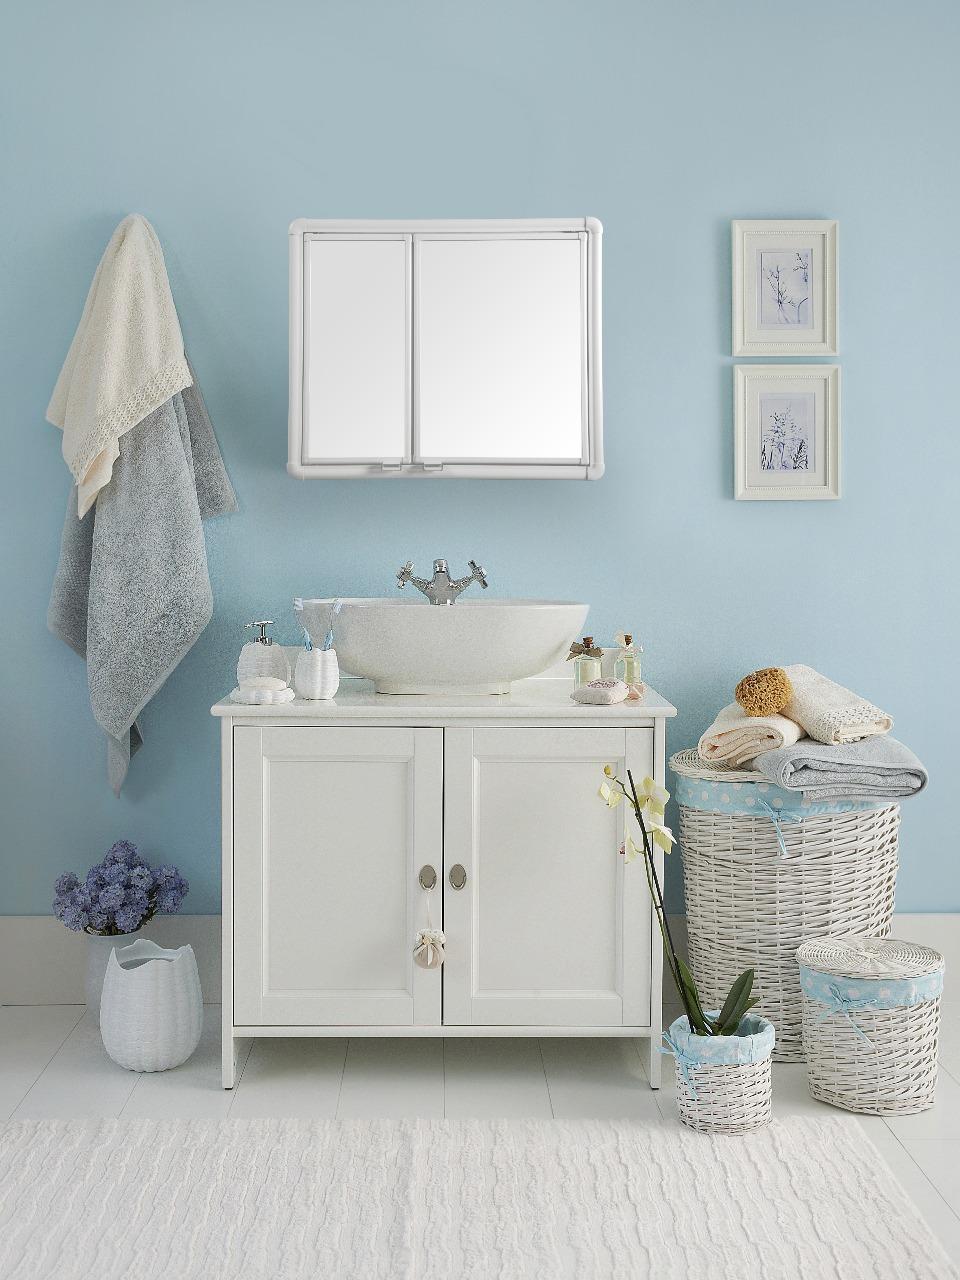 Banheiro - Armário e espelho - Modelo 01